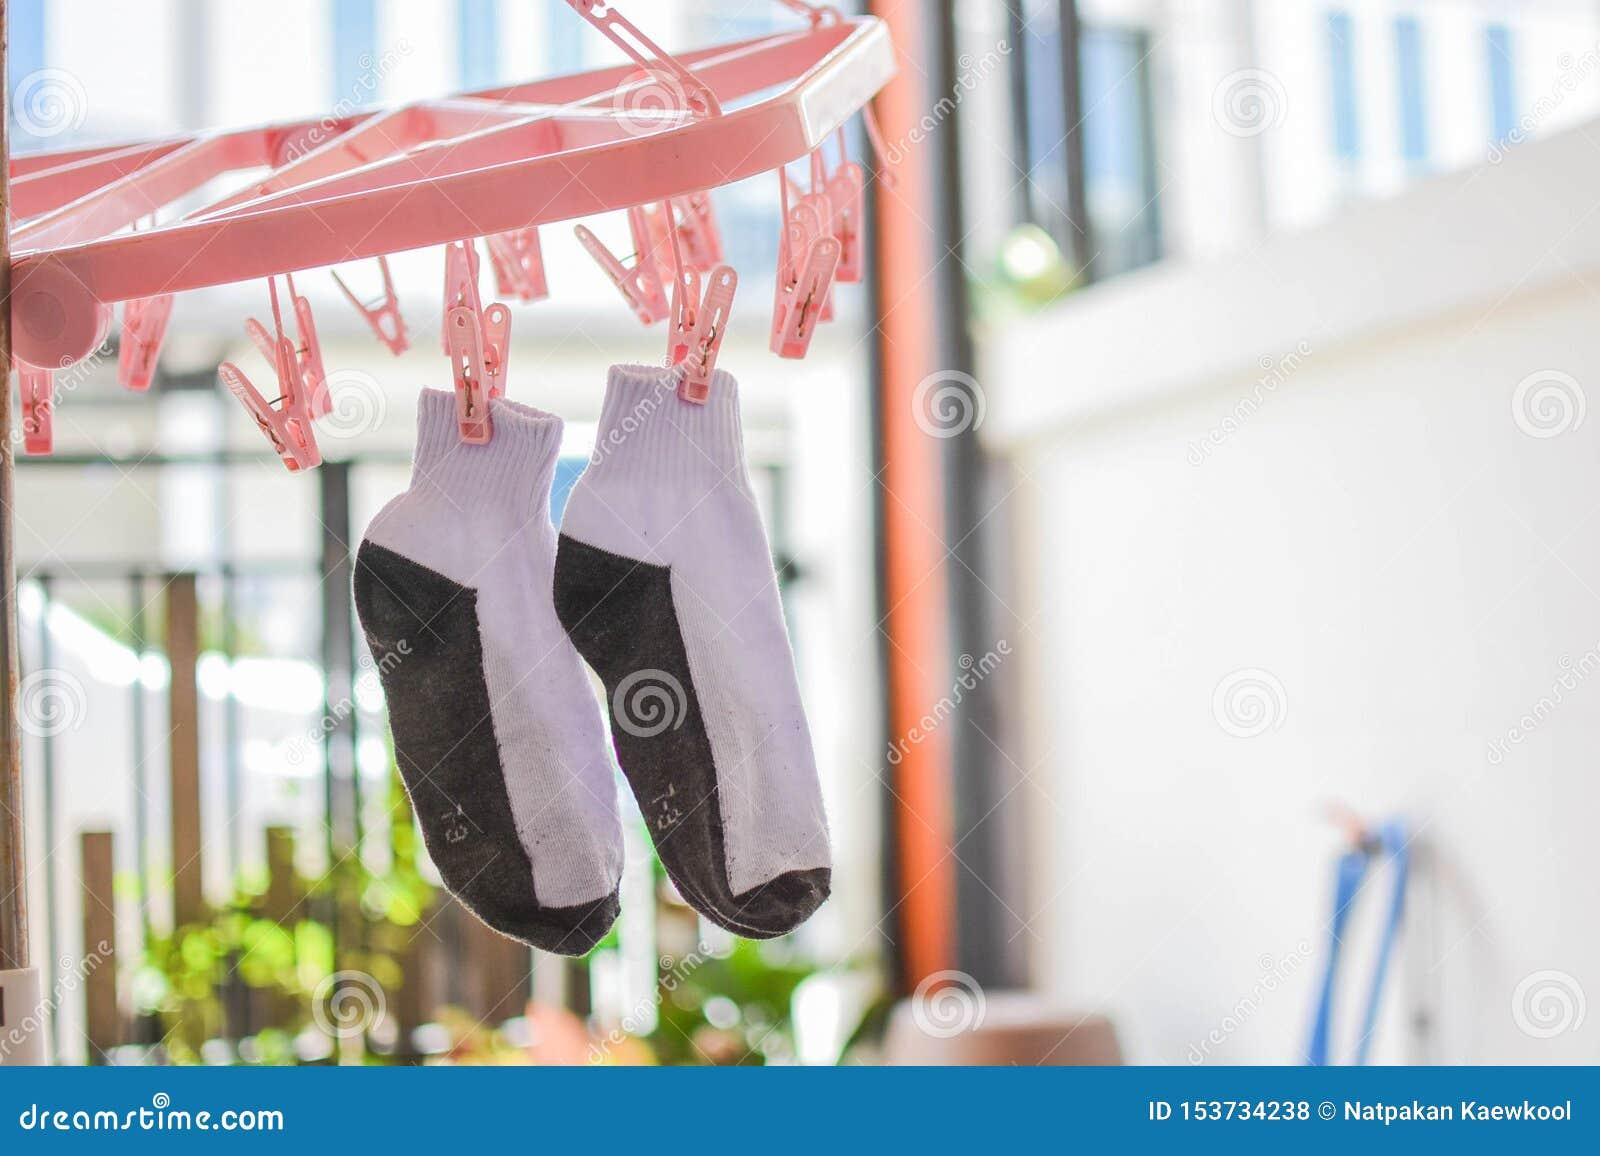 干燥的袜子,等待烘干,垂悬在晒衣绳